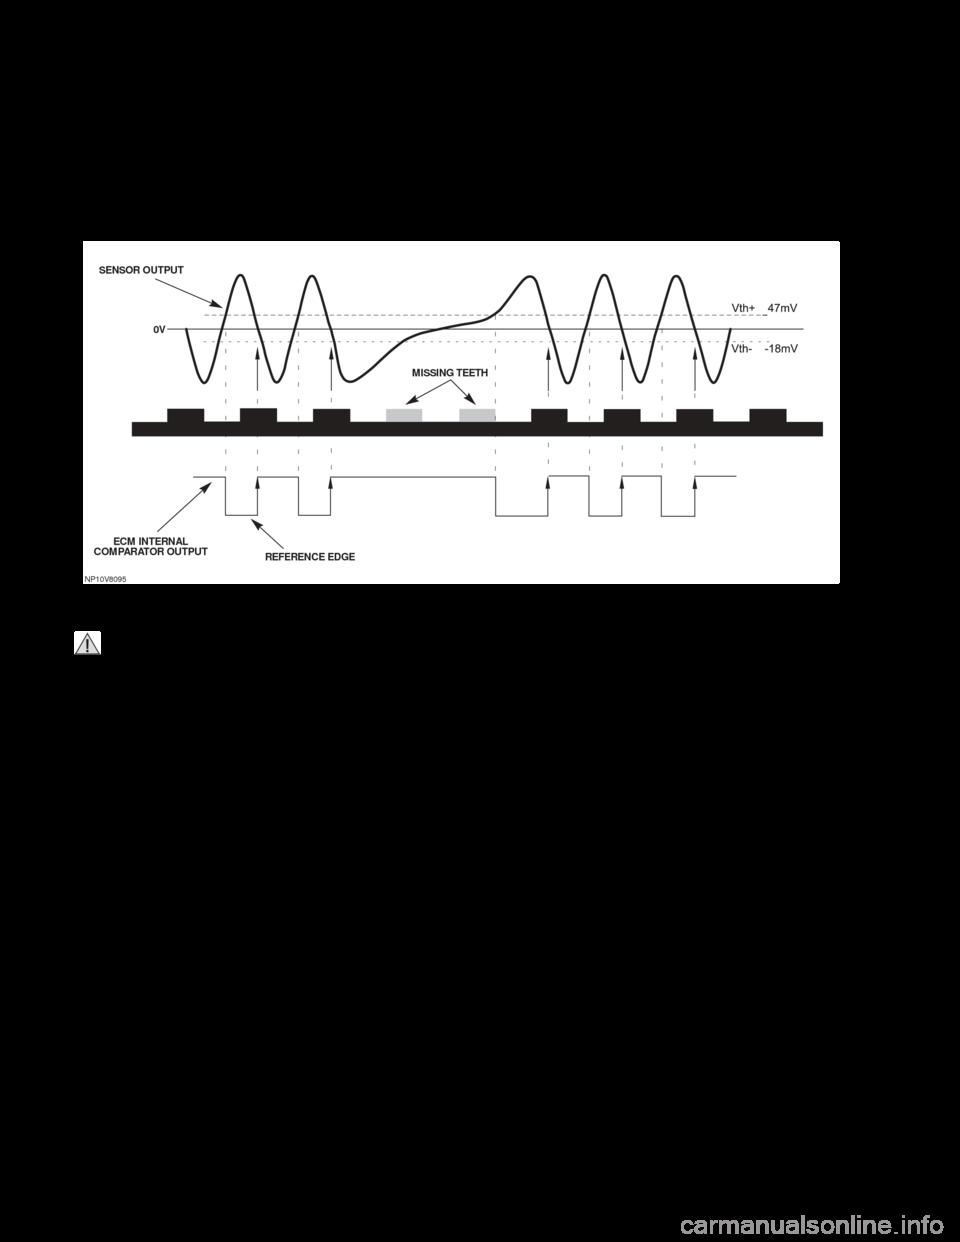 JAGUAR XF 2009 1.G AJ133 5.0L Engine Manual, Page 14